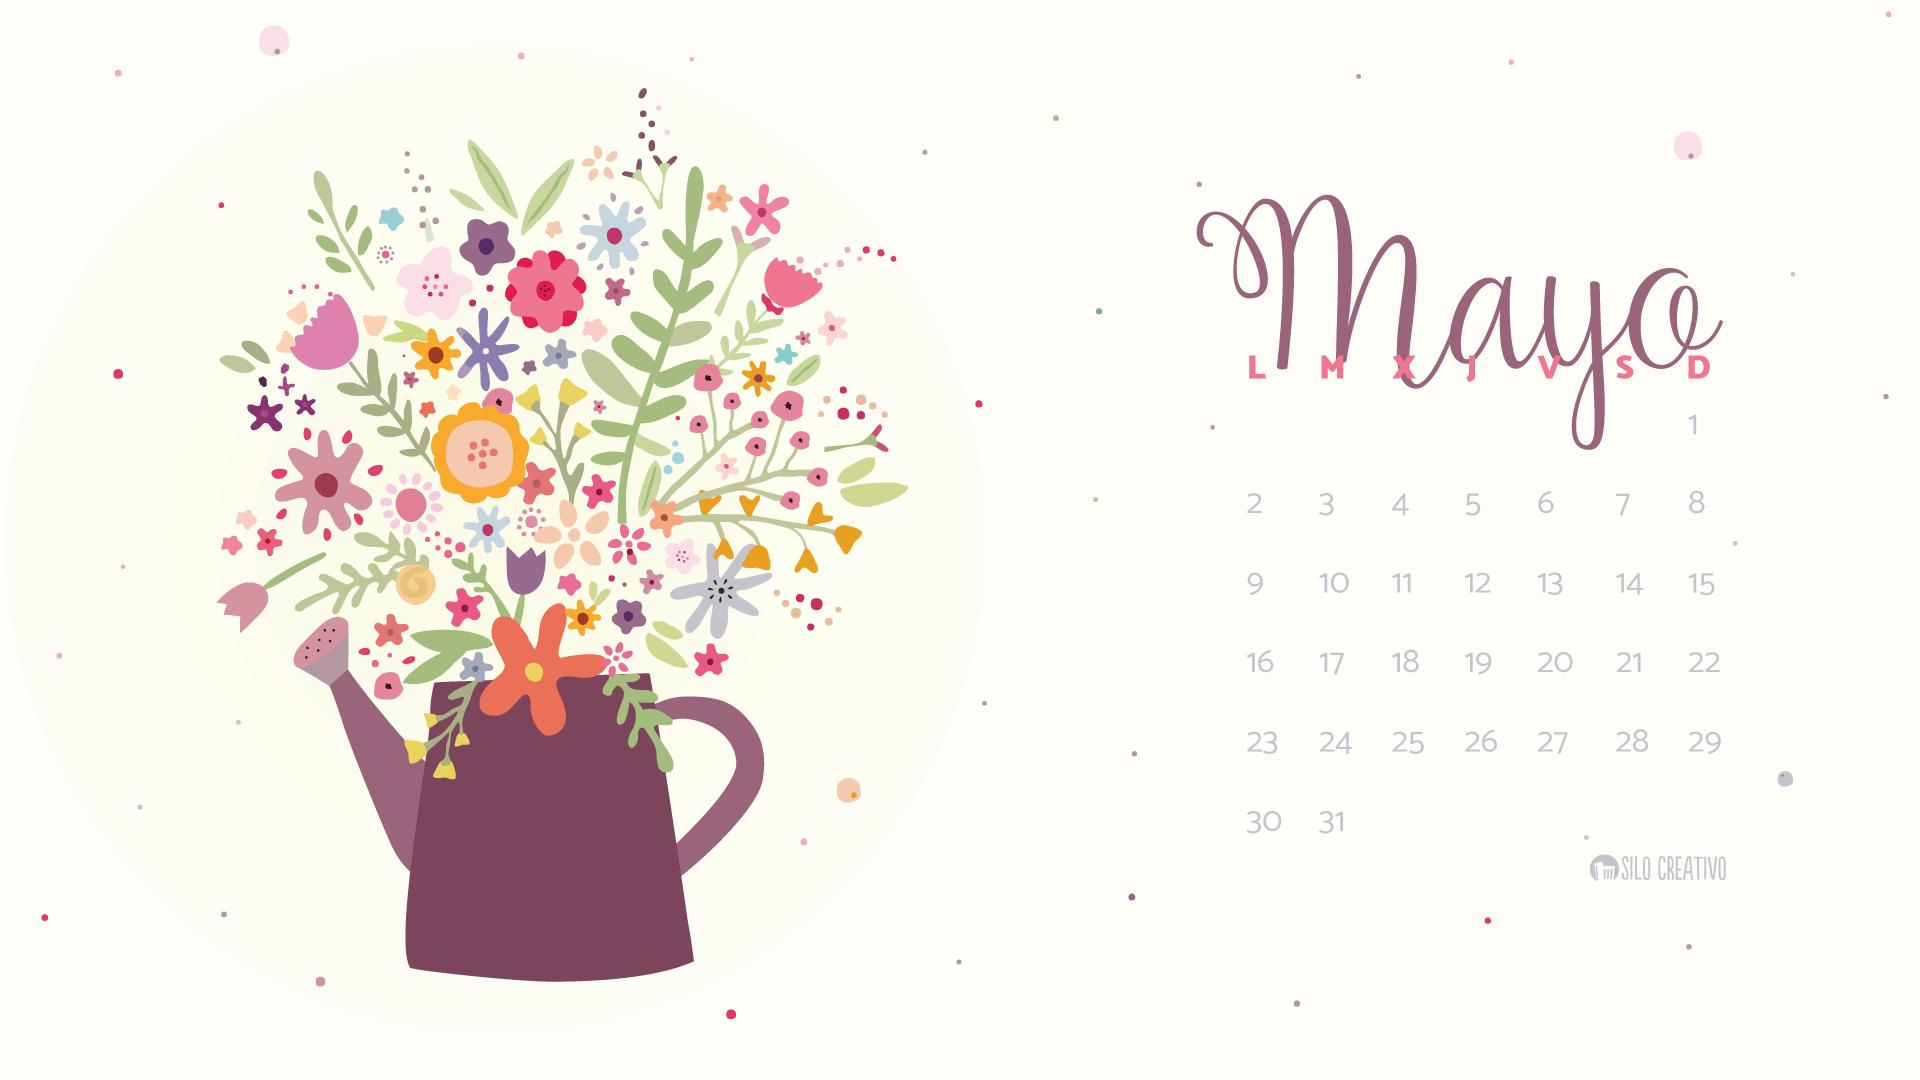 Calendario descargable mayo 2016 silo creativo for Fondo de pantalla calendario 2018